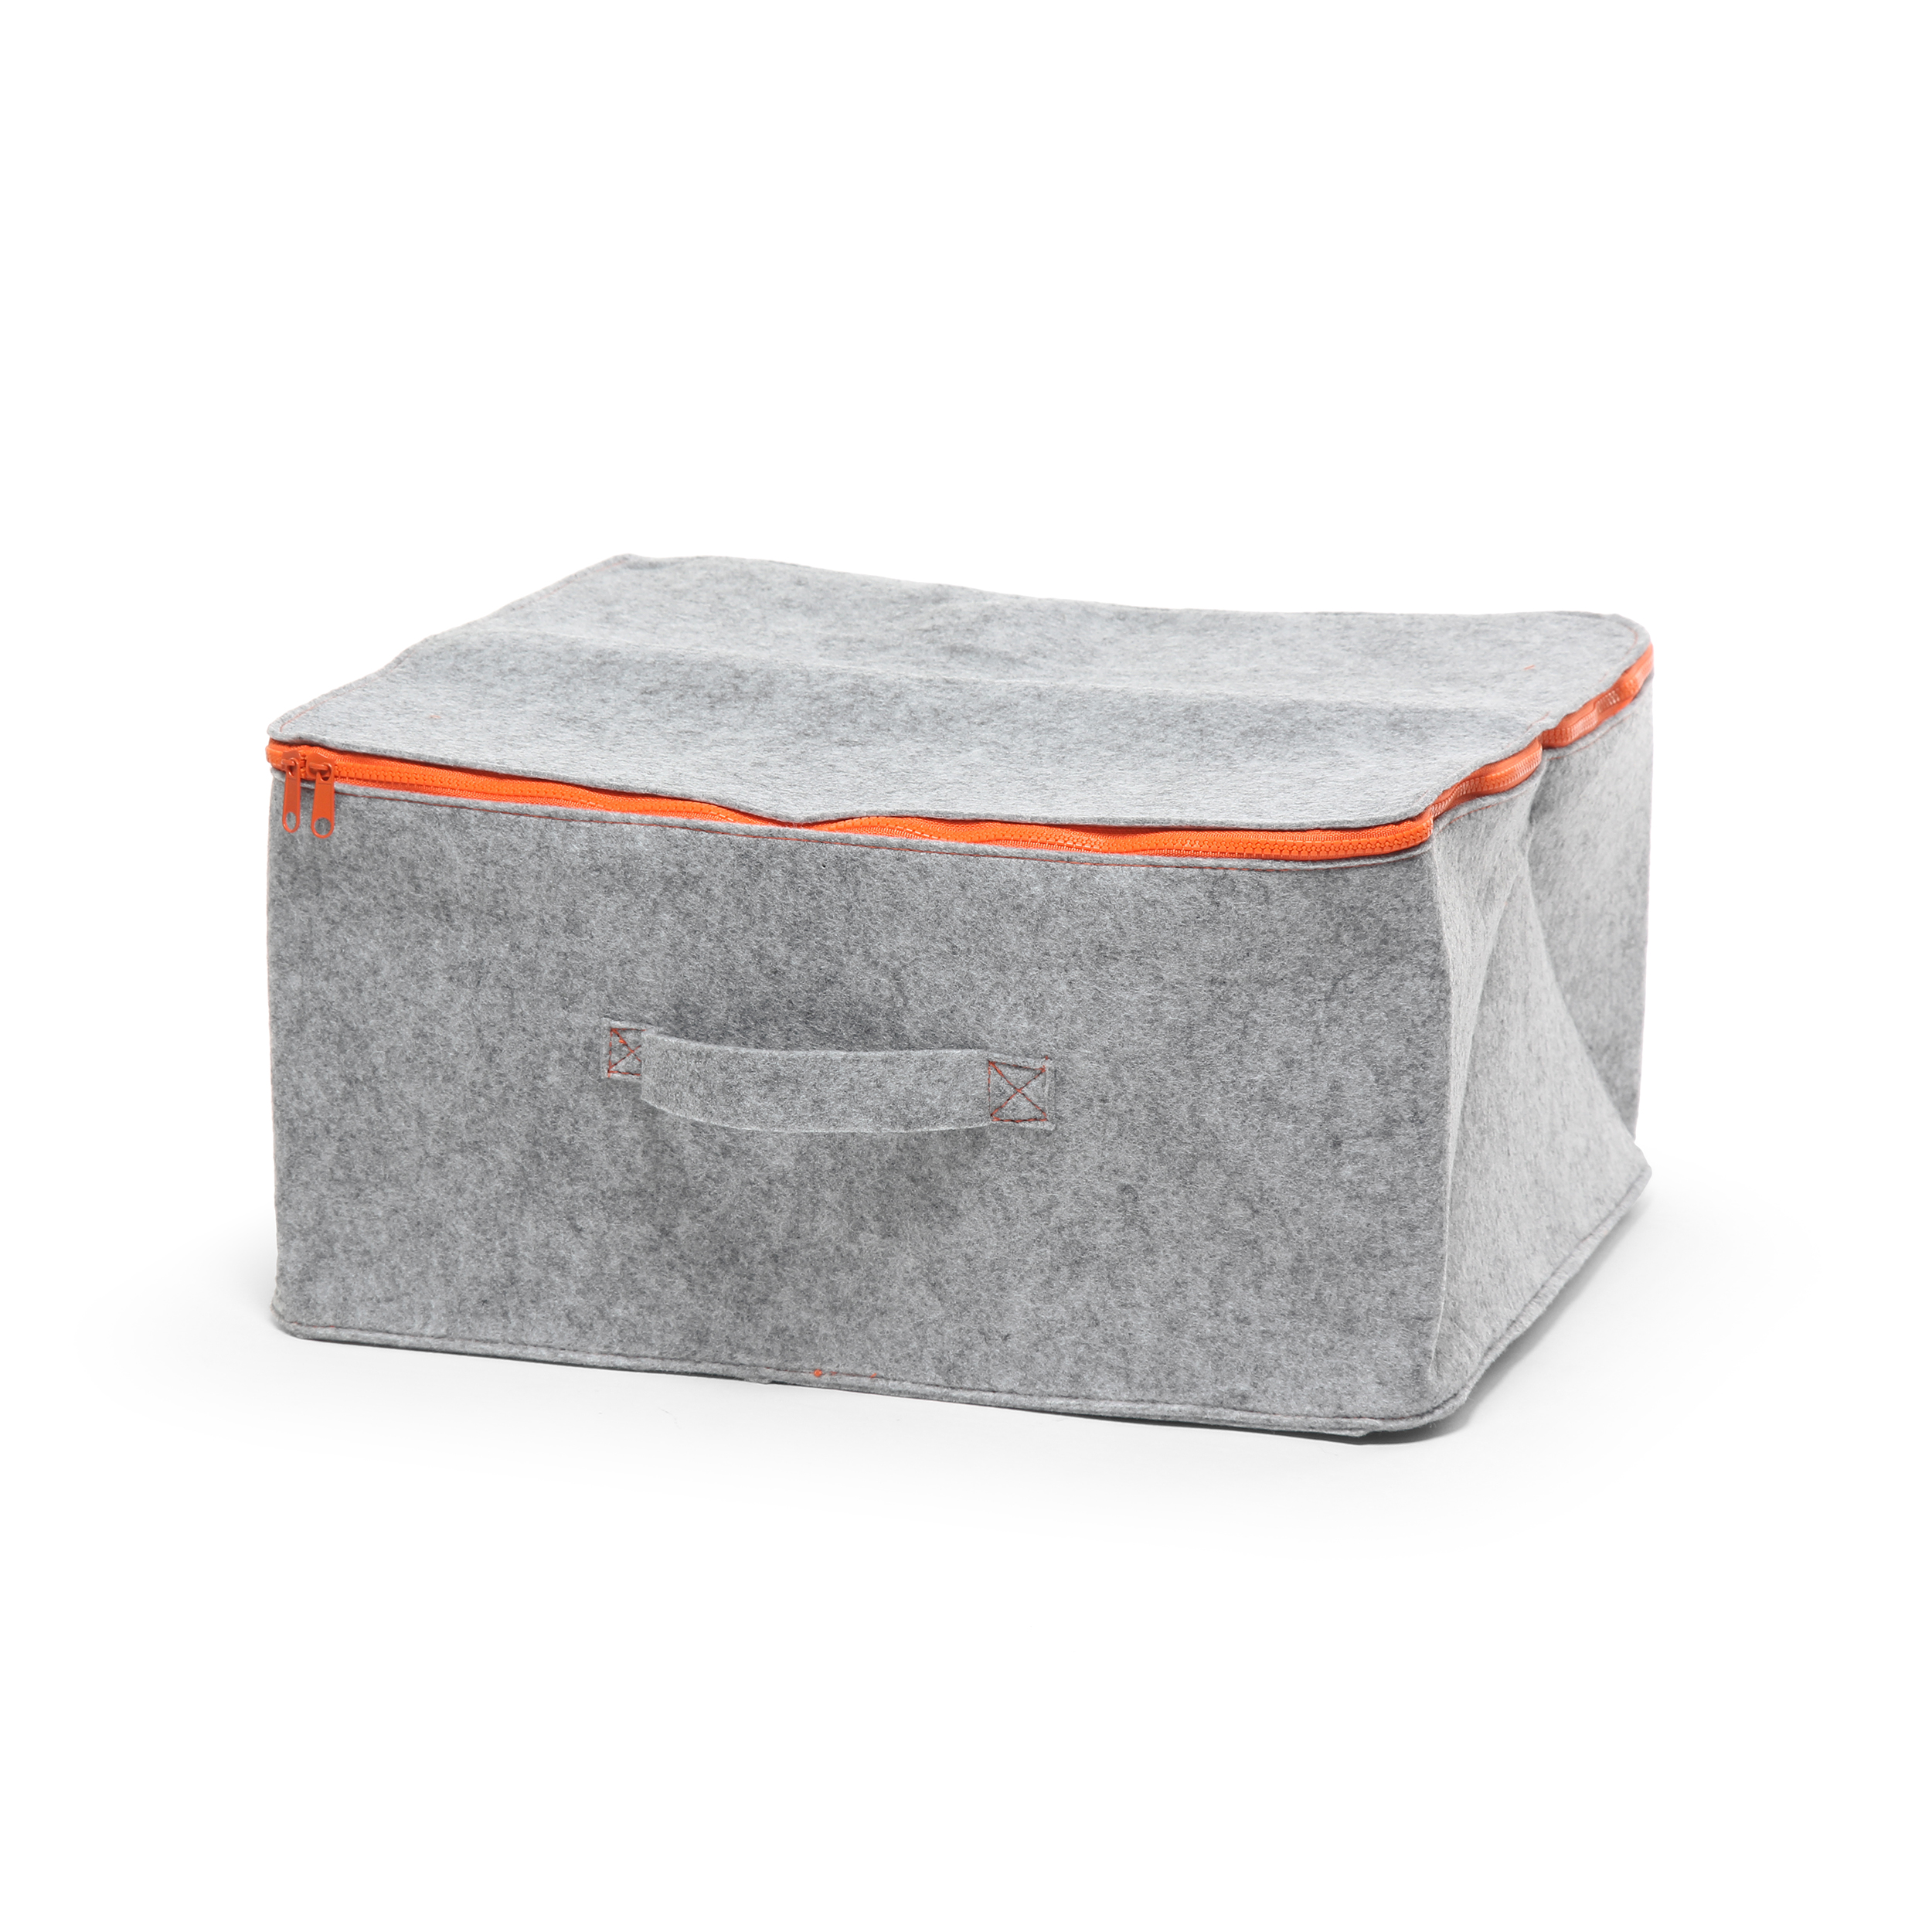 Контейнер для хранения Mousse высота 23Разное<br>Дизайнерский серо-оранжевый контейнер Mousse (Мусс) для хранения с высотой 23 см от Seletti (Селетти).<br><br> Современная история итальянской компании Seletti началась в 1988 году. Тогда под руководством Стефано Селетти, сына основателя компании, была создана творческая мастерская Selab — креативная площадка для поиска нового подхода в создании привычных предметов обихода, которая объединила многих молодых дизайнеров. Сегодня компания Seletti известна своими смелыми решениями в области дизайна ...<br><br>stock: 14<br>Высота: 23<br>Ширина: 40<br>Материал: Войлок<br>Длина: 48